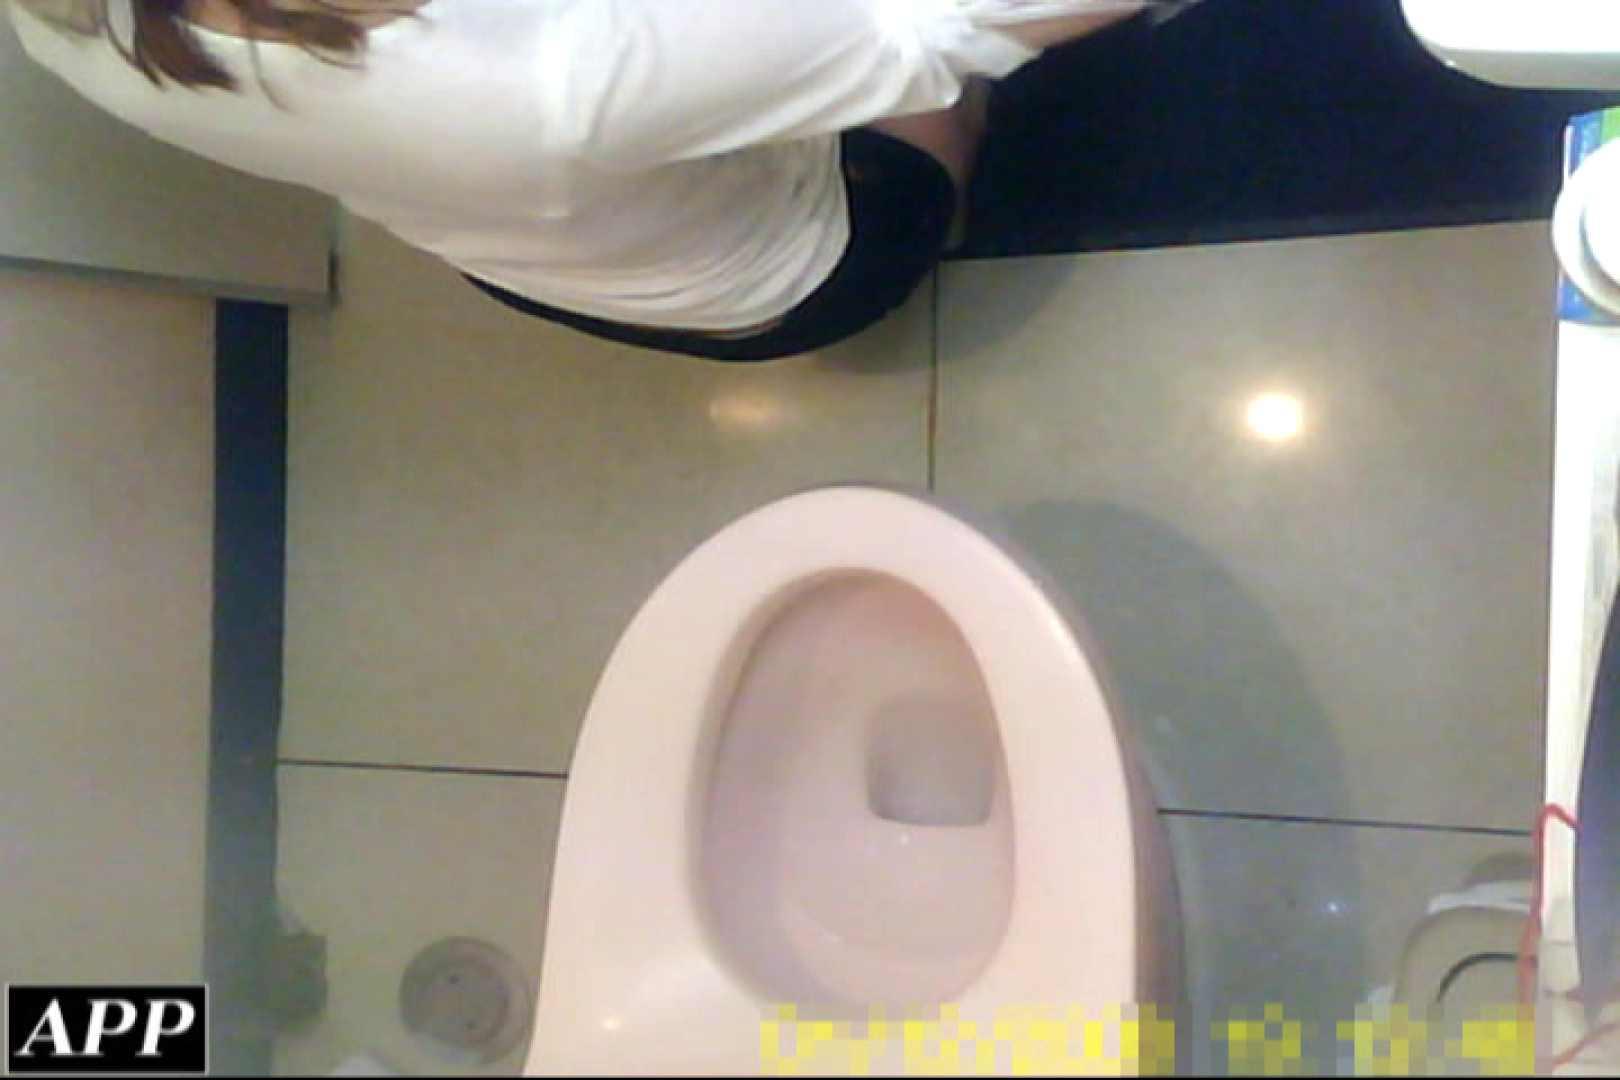 3視点洗面所 vol.115 美しいOLの裸体   マンコ・ムレムレ  103pic 73